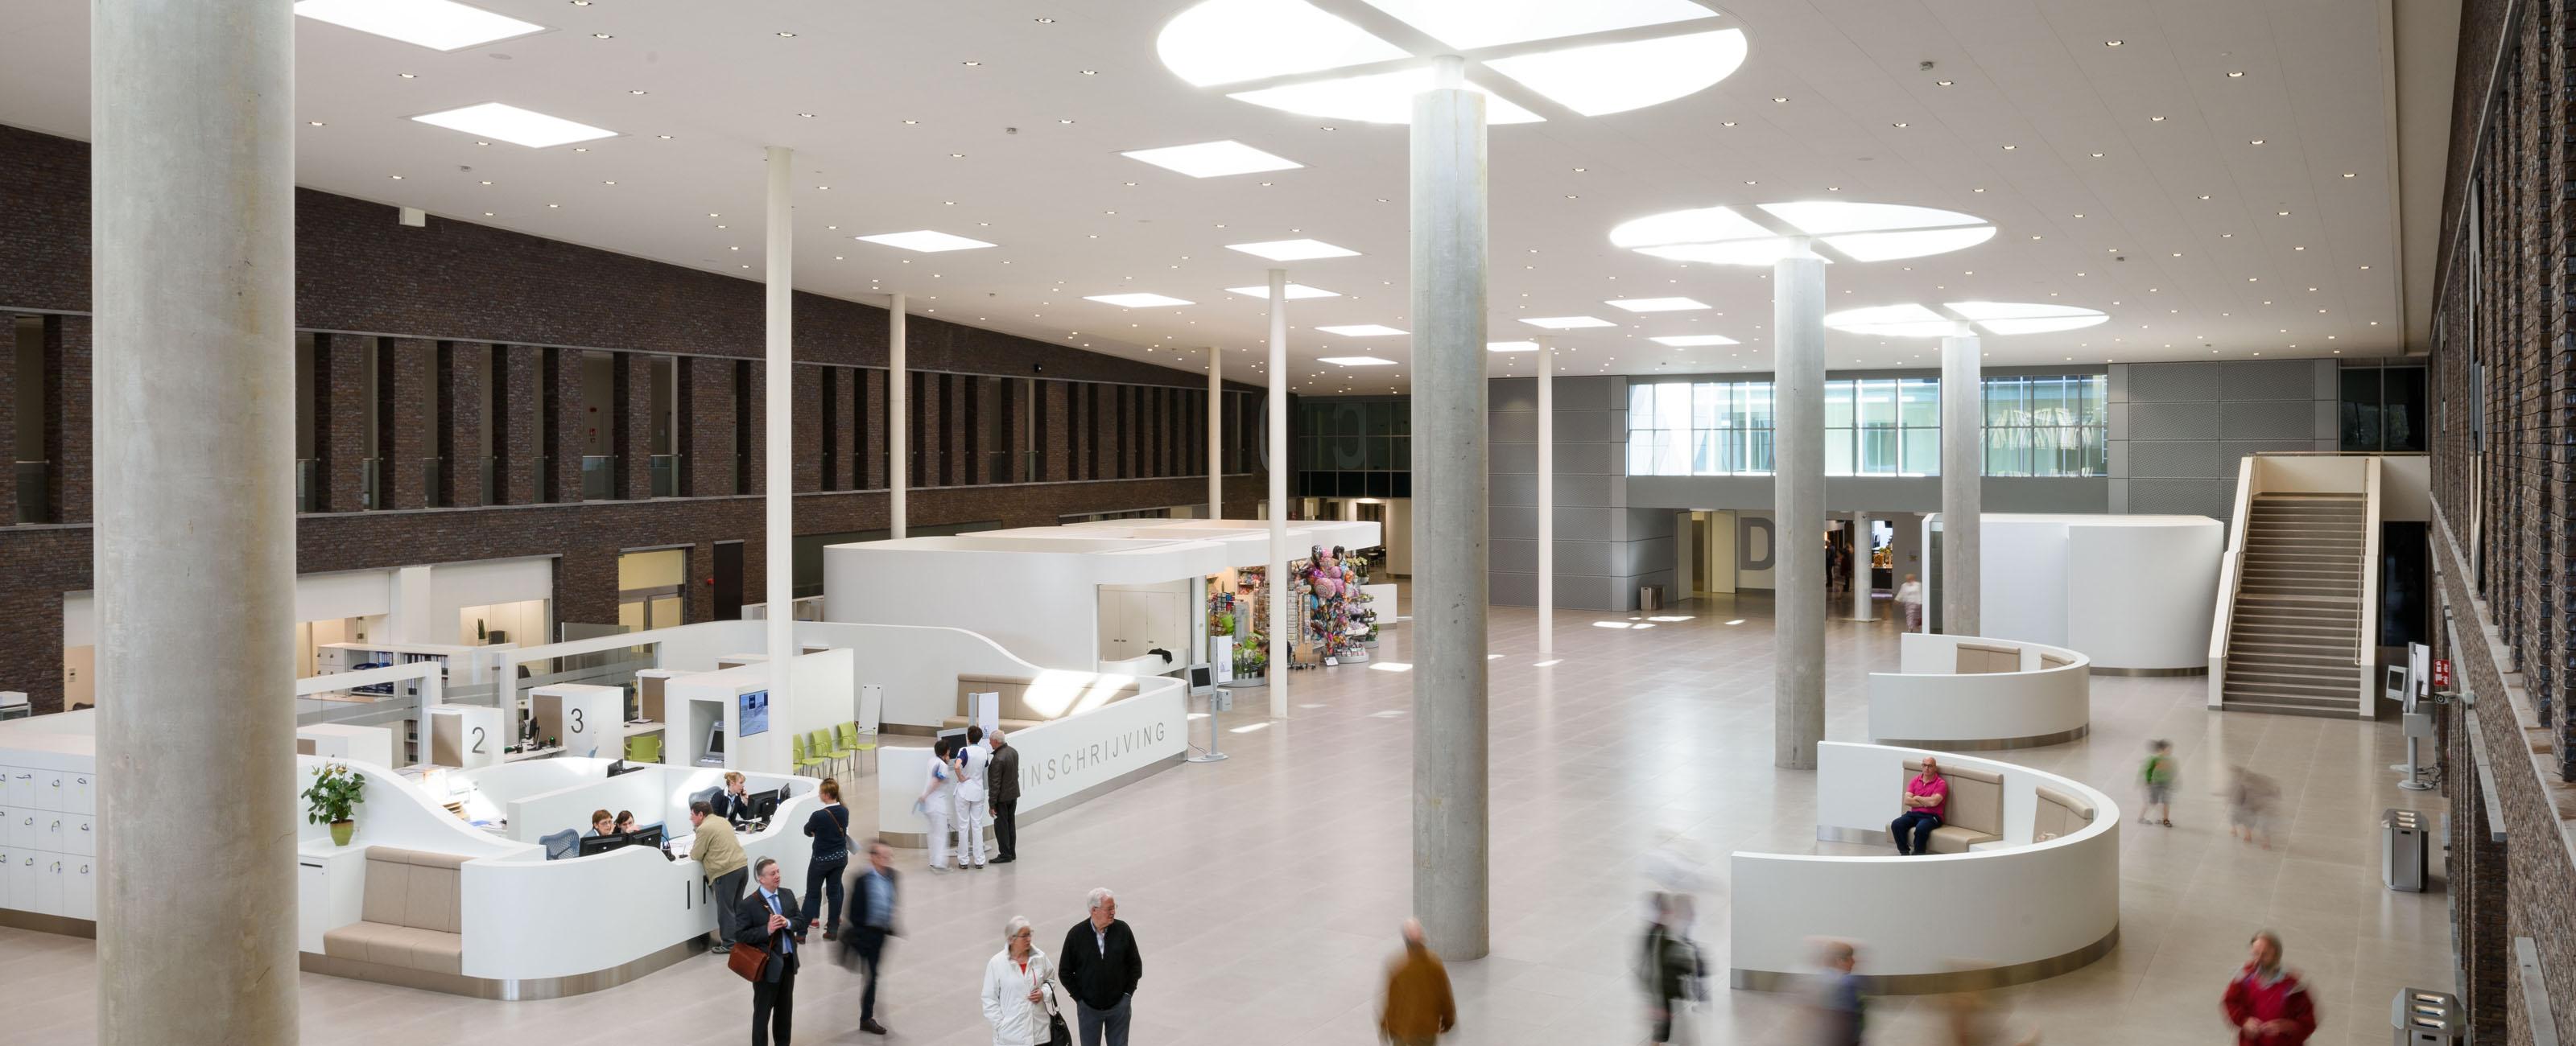 Maria Middelares Gh Ghent Belgium Egm Architects